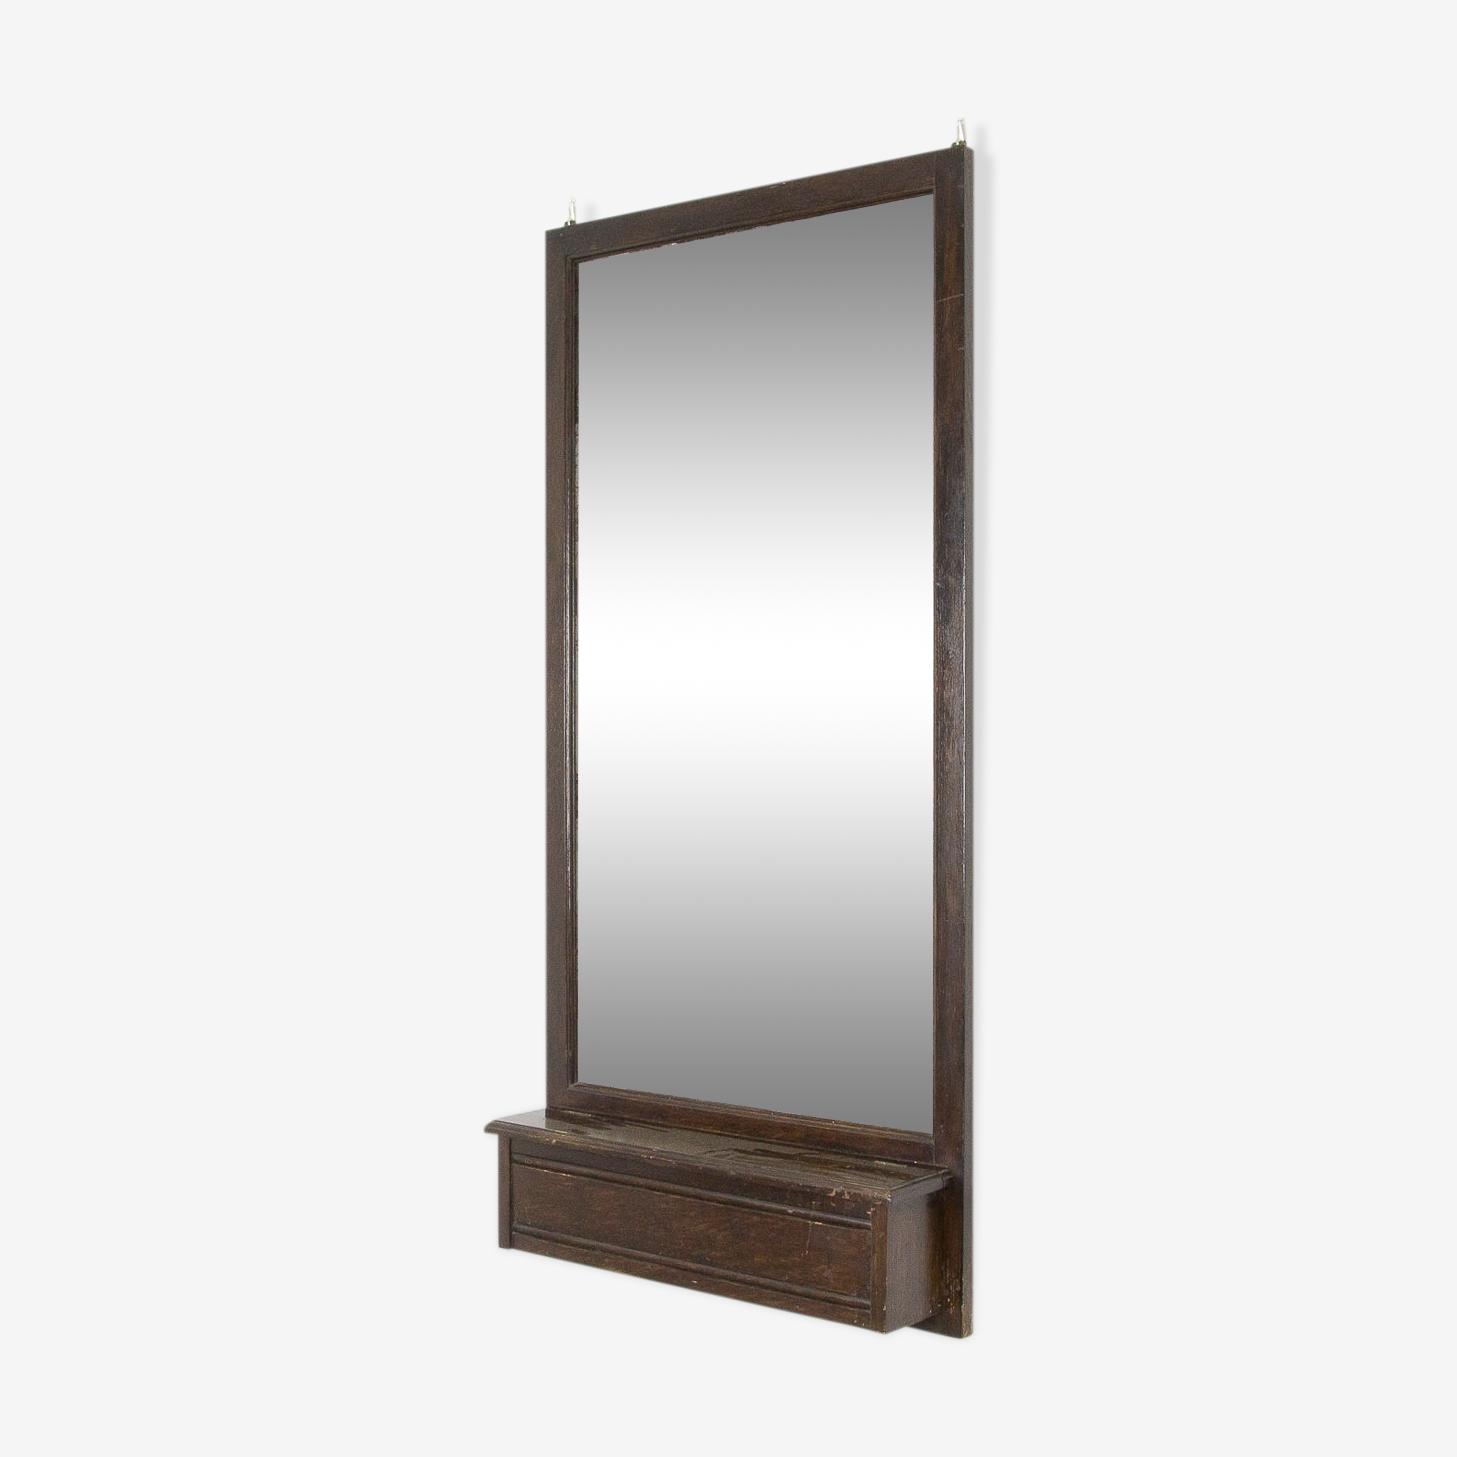 Miroir avec compartiment de rangement 59x124cm